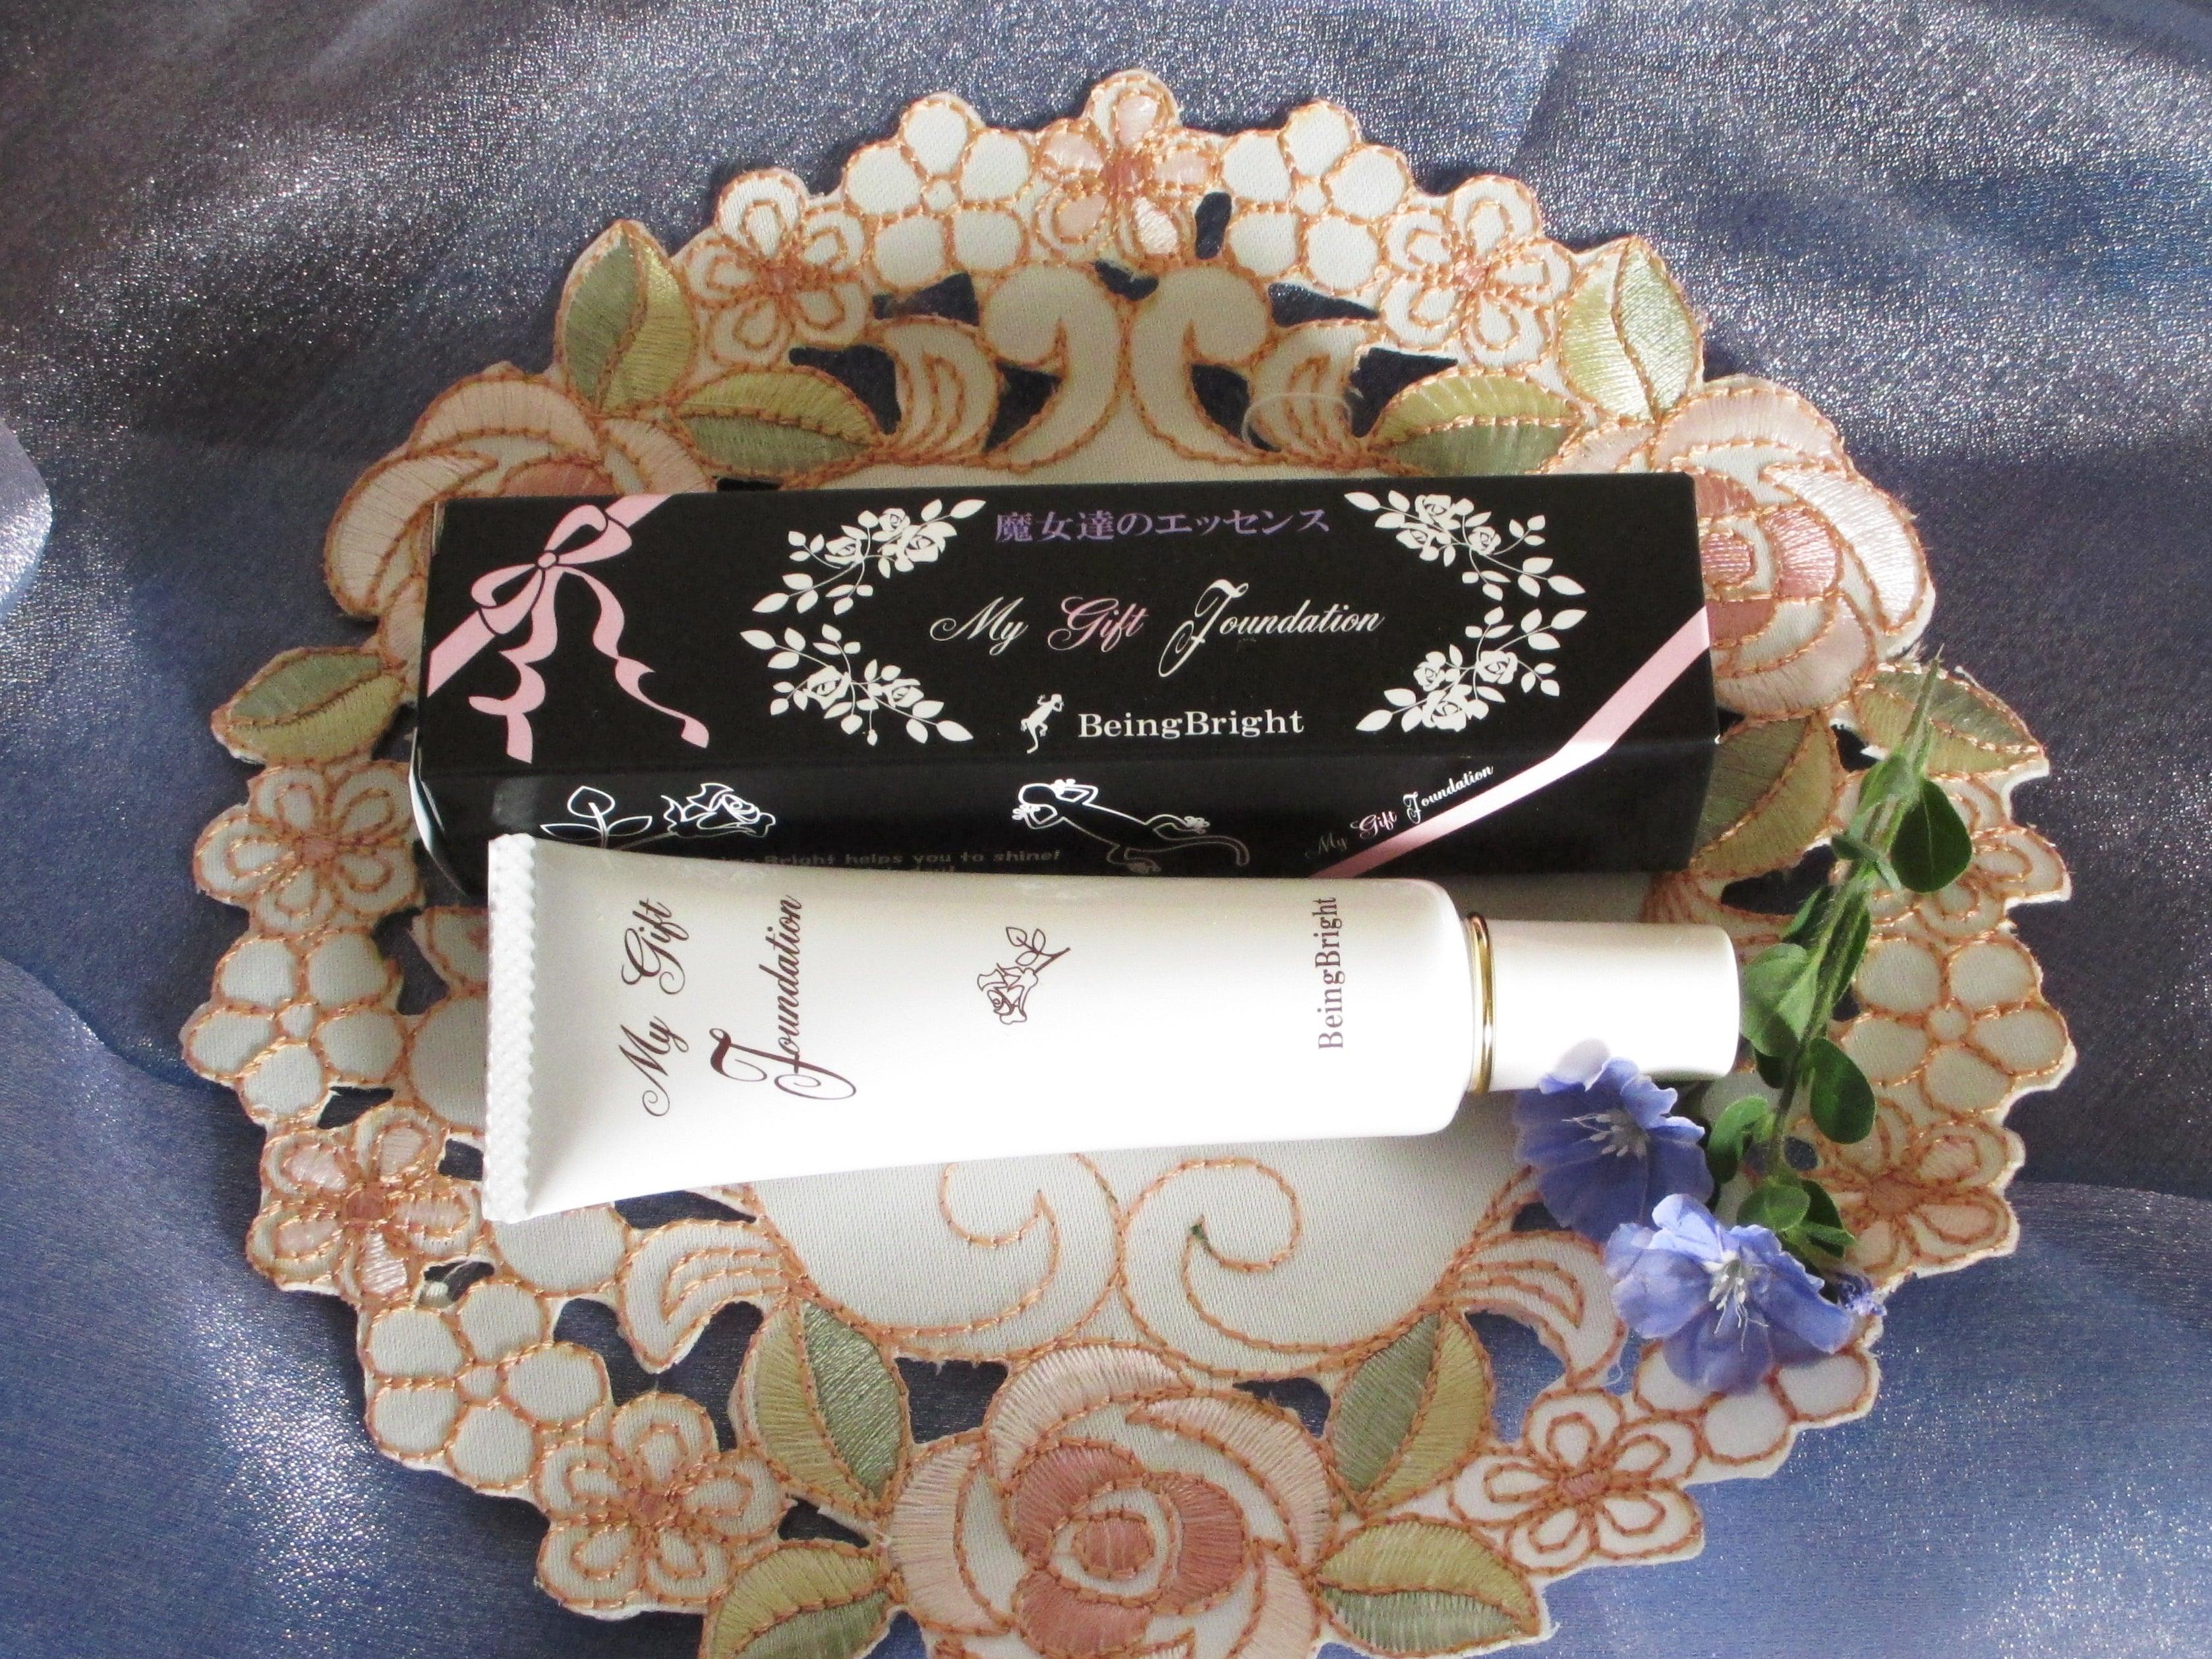 ヒーリング 自然派化粧品 ビーイングブライトの魔女達のエッセンス マイギフト ファンデーション